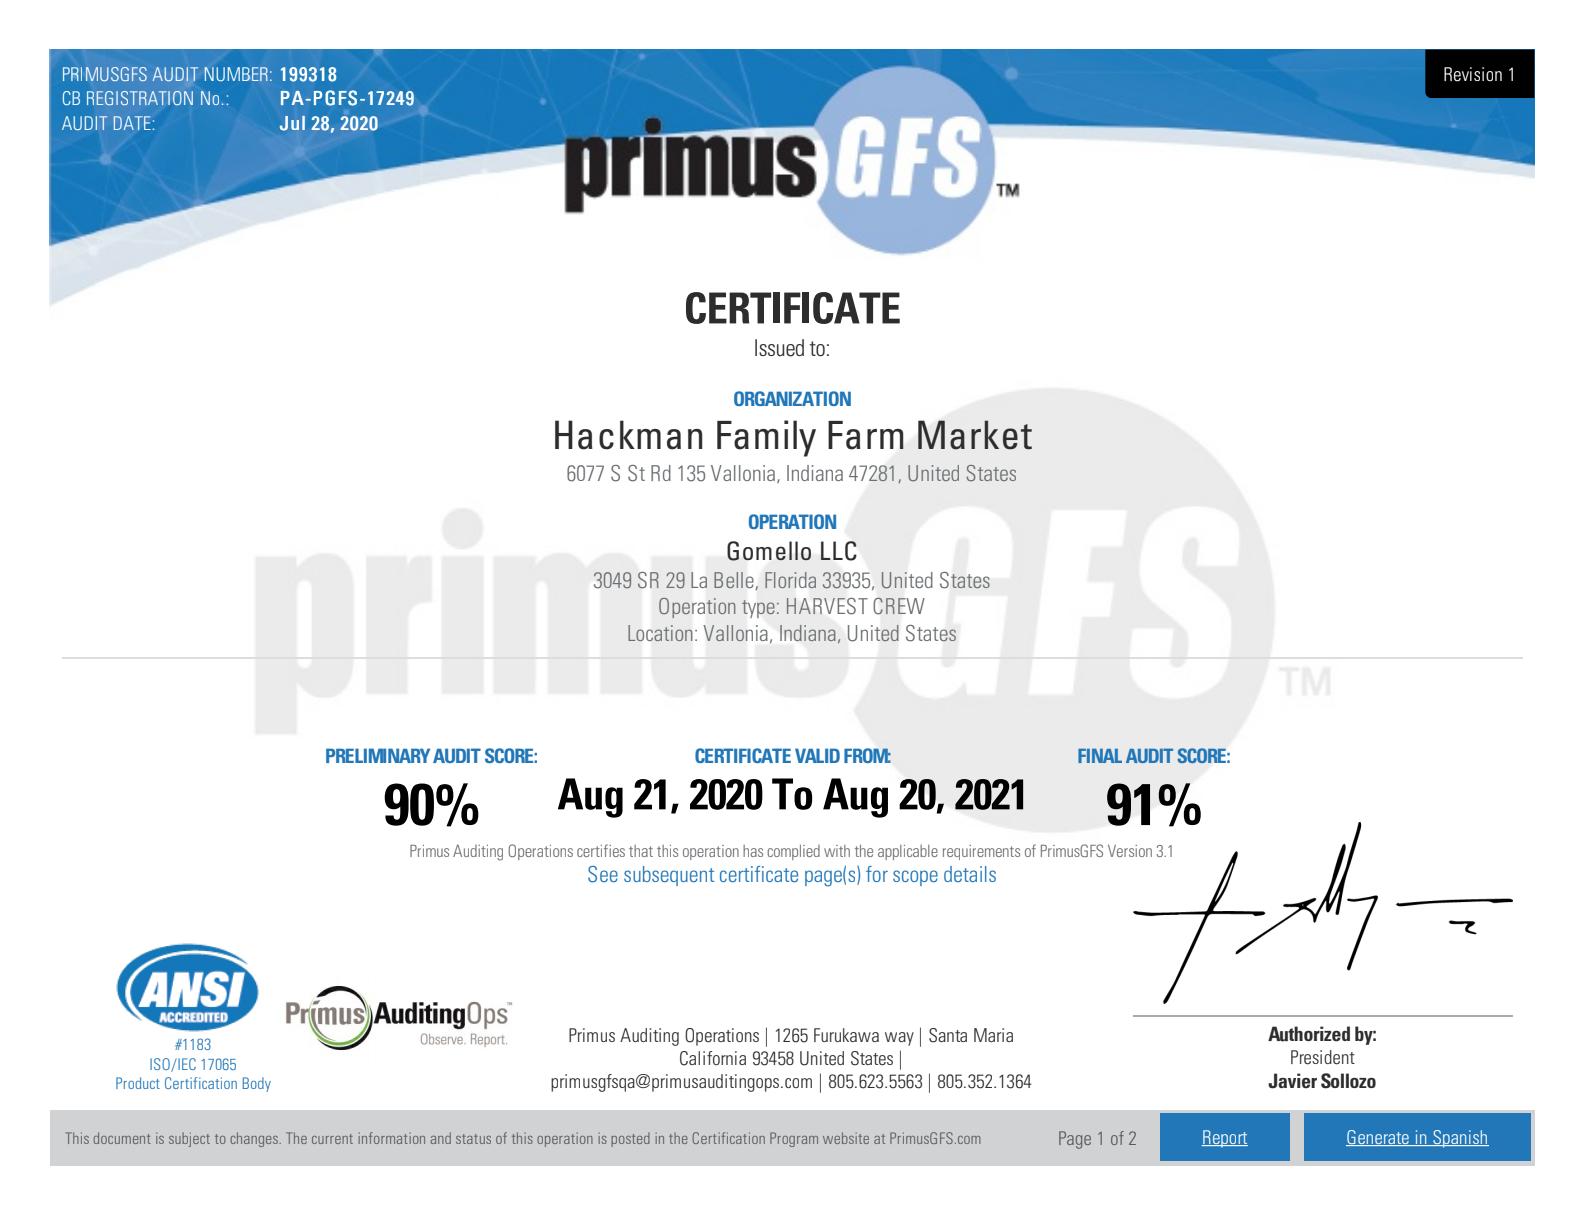 Primus Certificate Harvest Crew.png